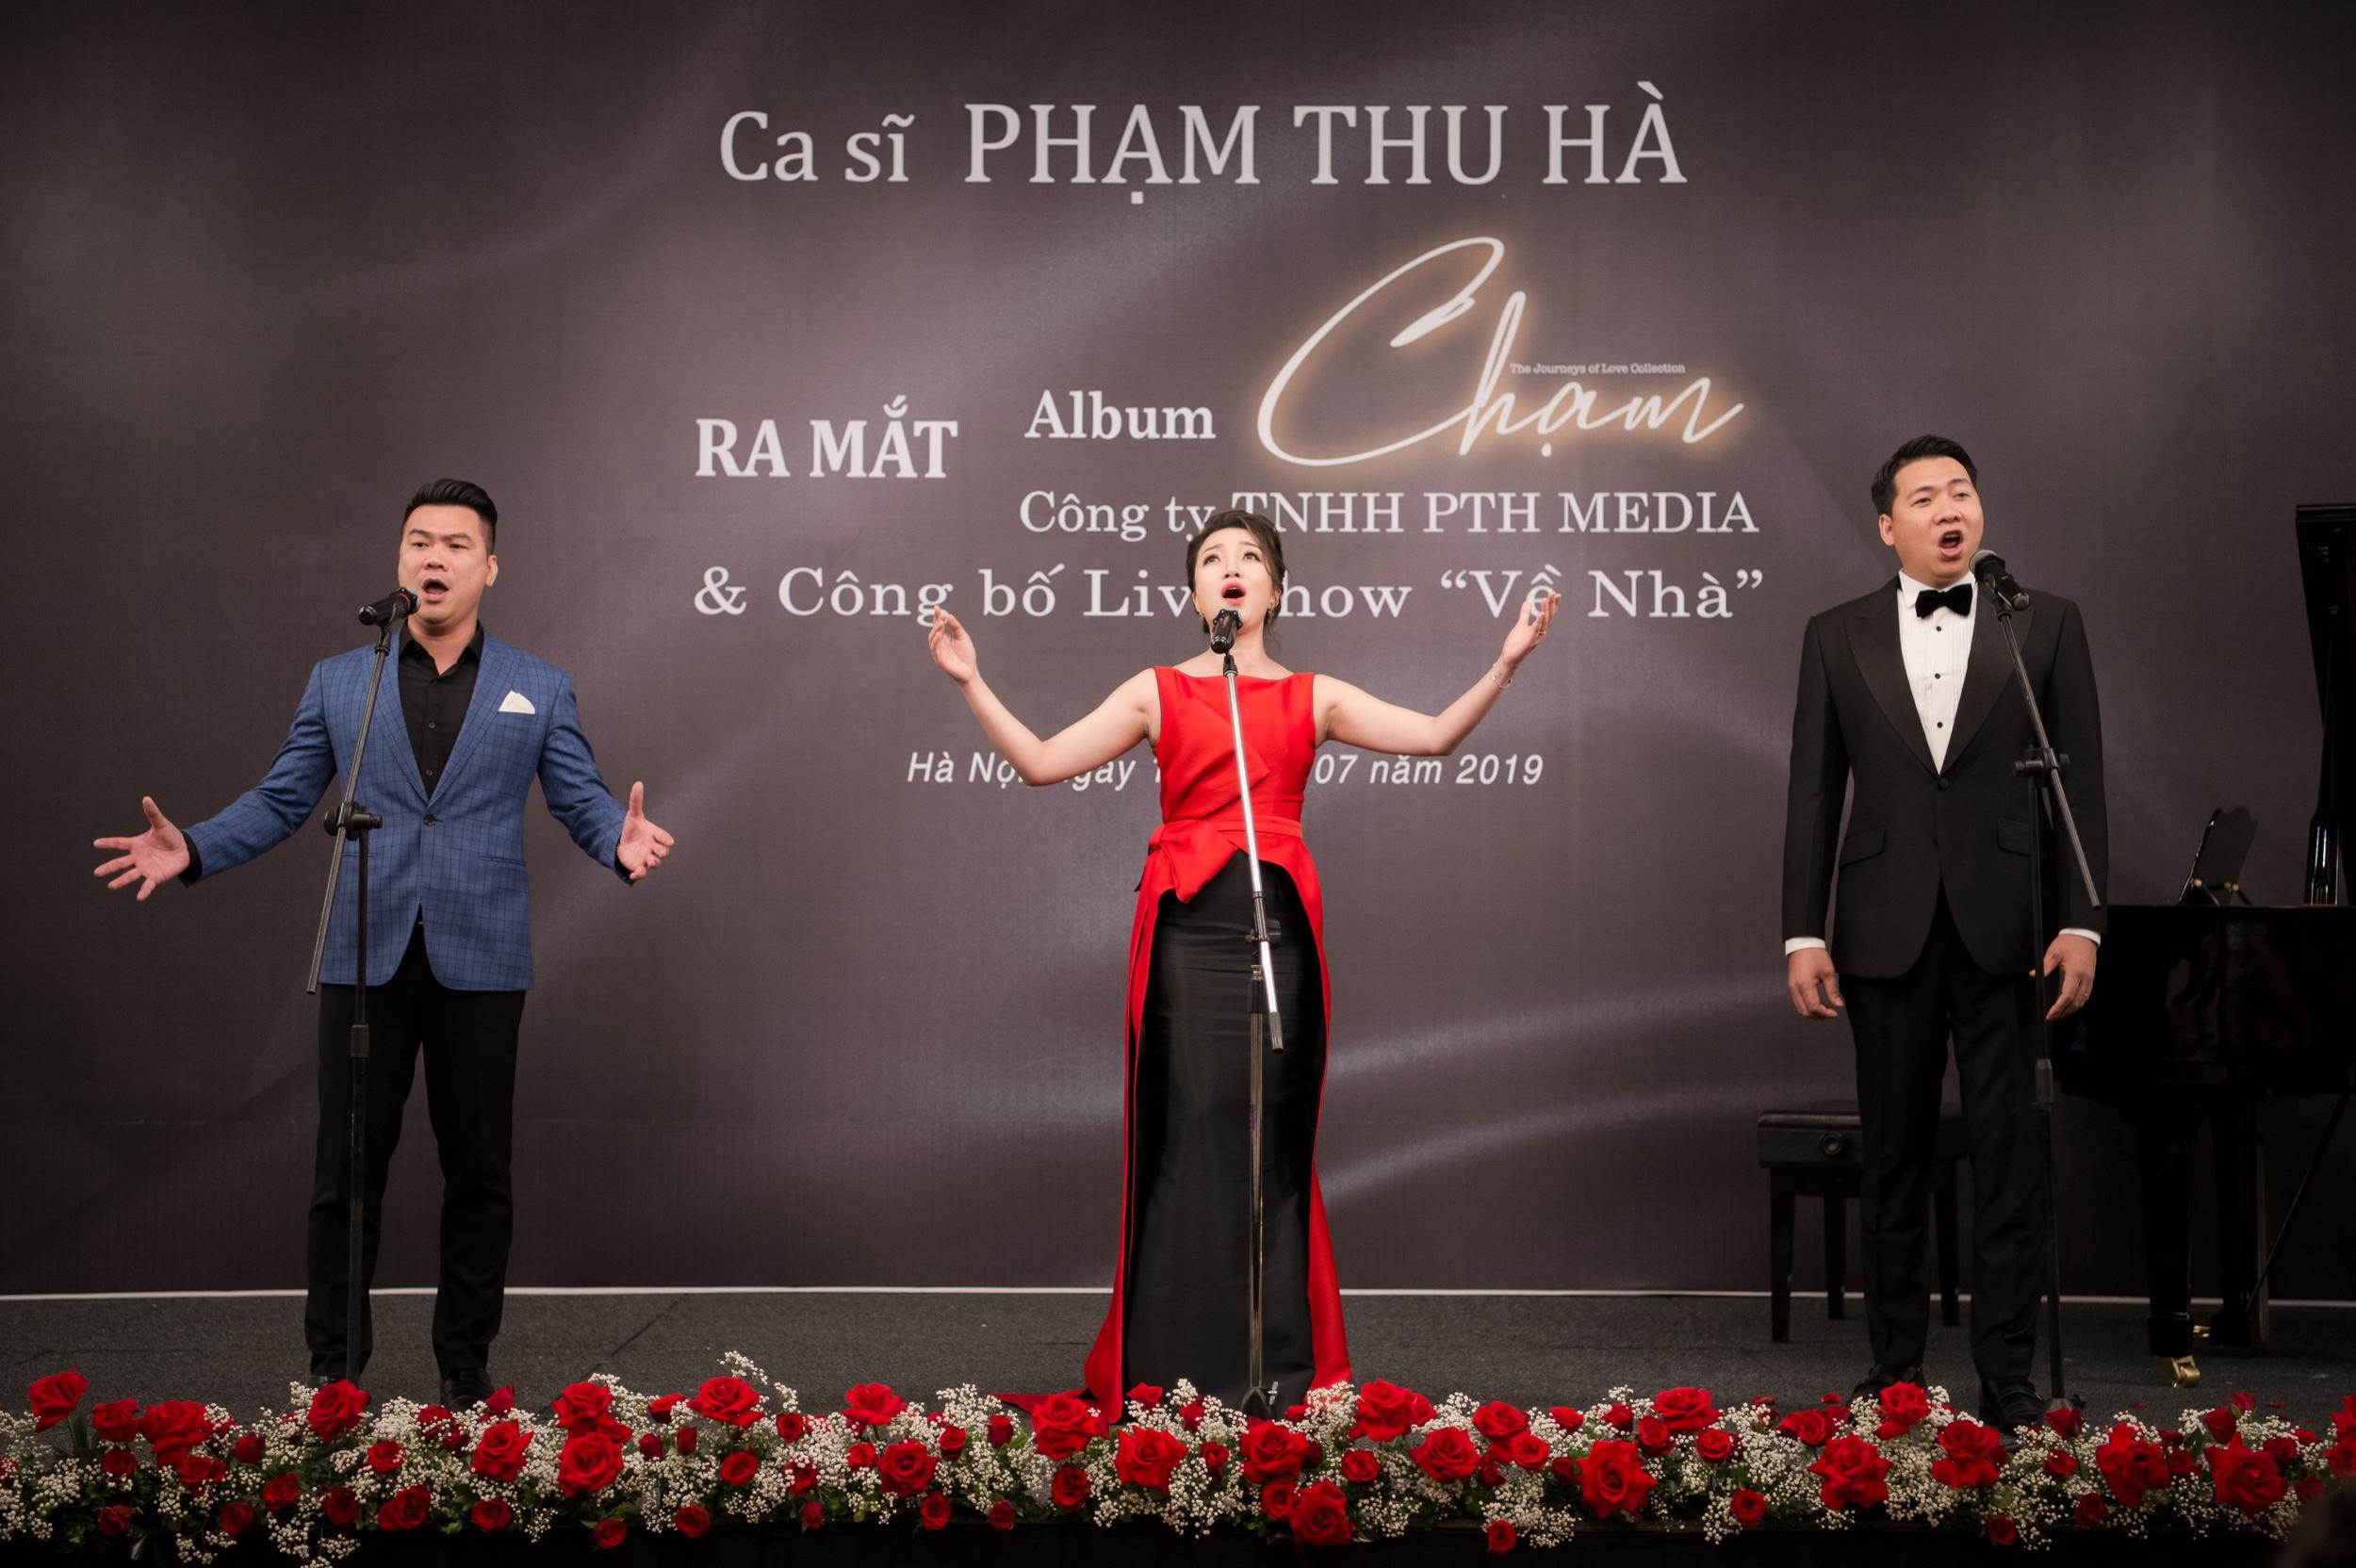 'Họa mi bán cổ điển' Phạm Thu Hà đánh dấu bước tiến mới trong sự nghiệp 3